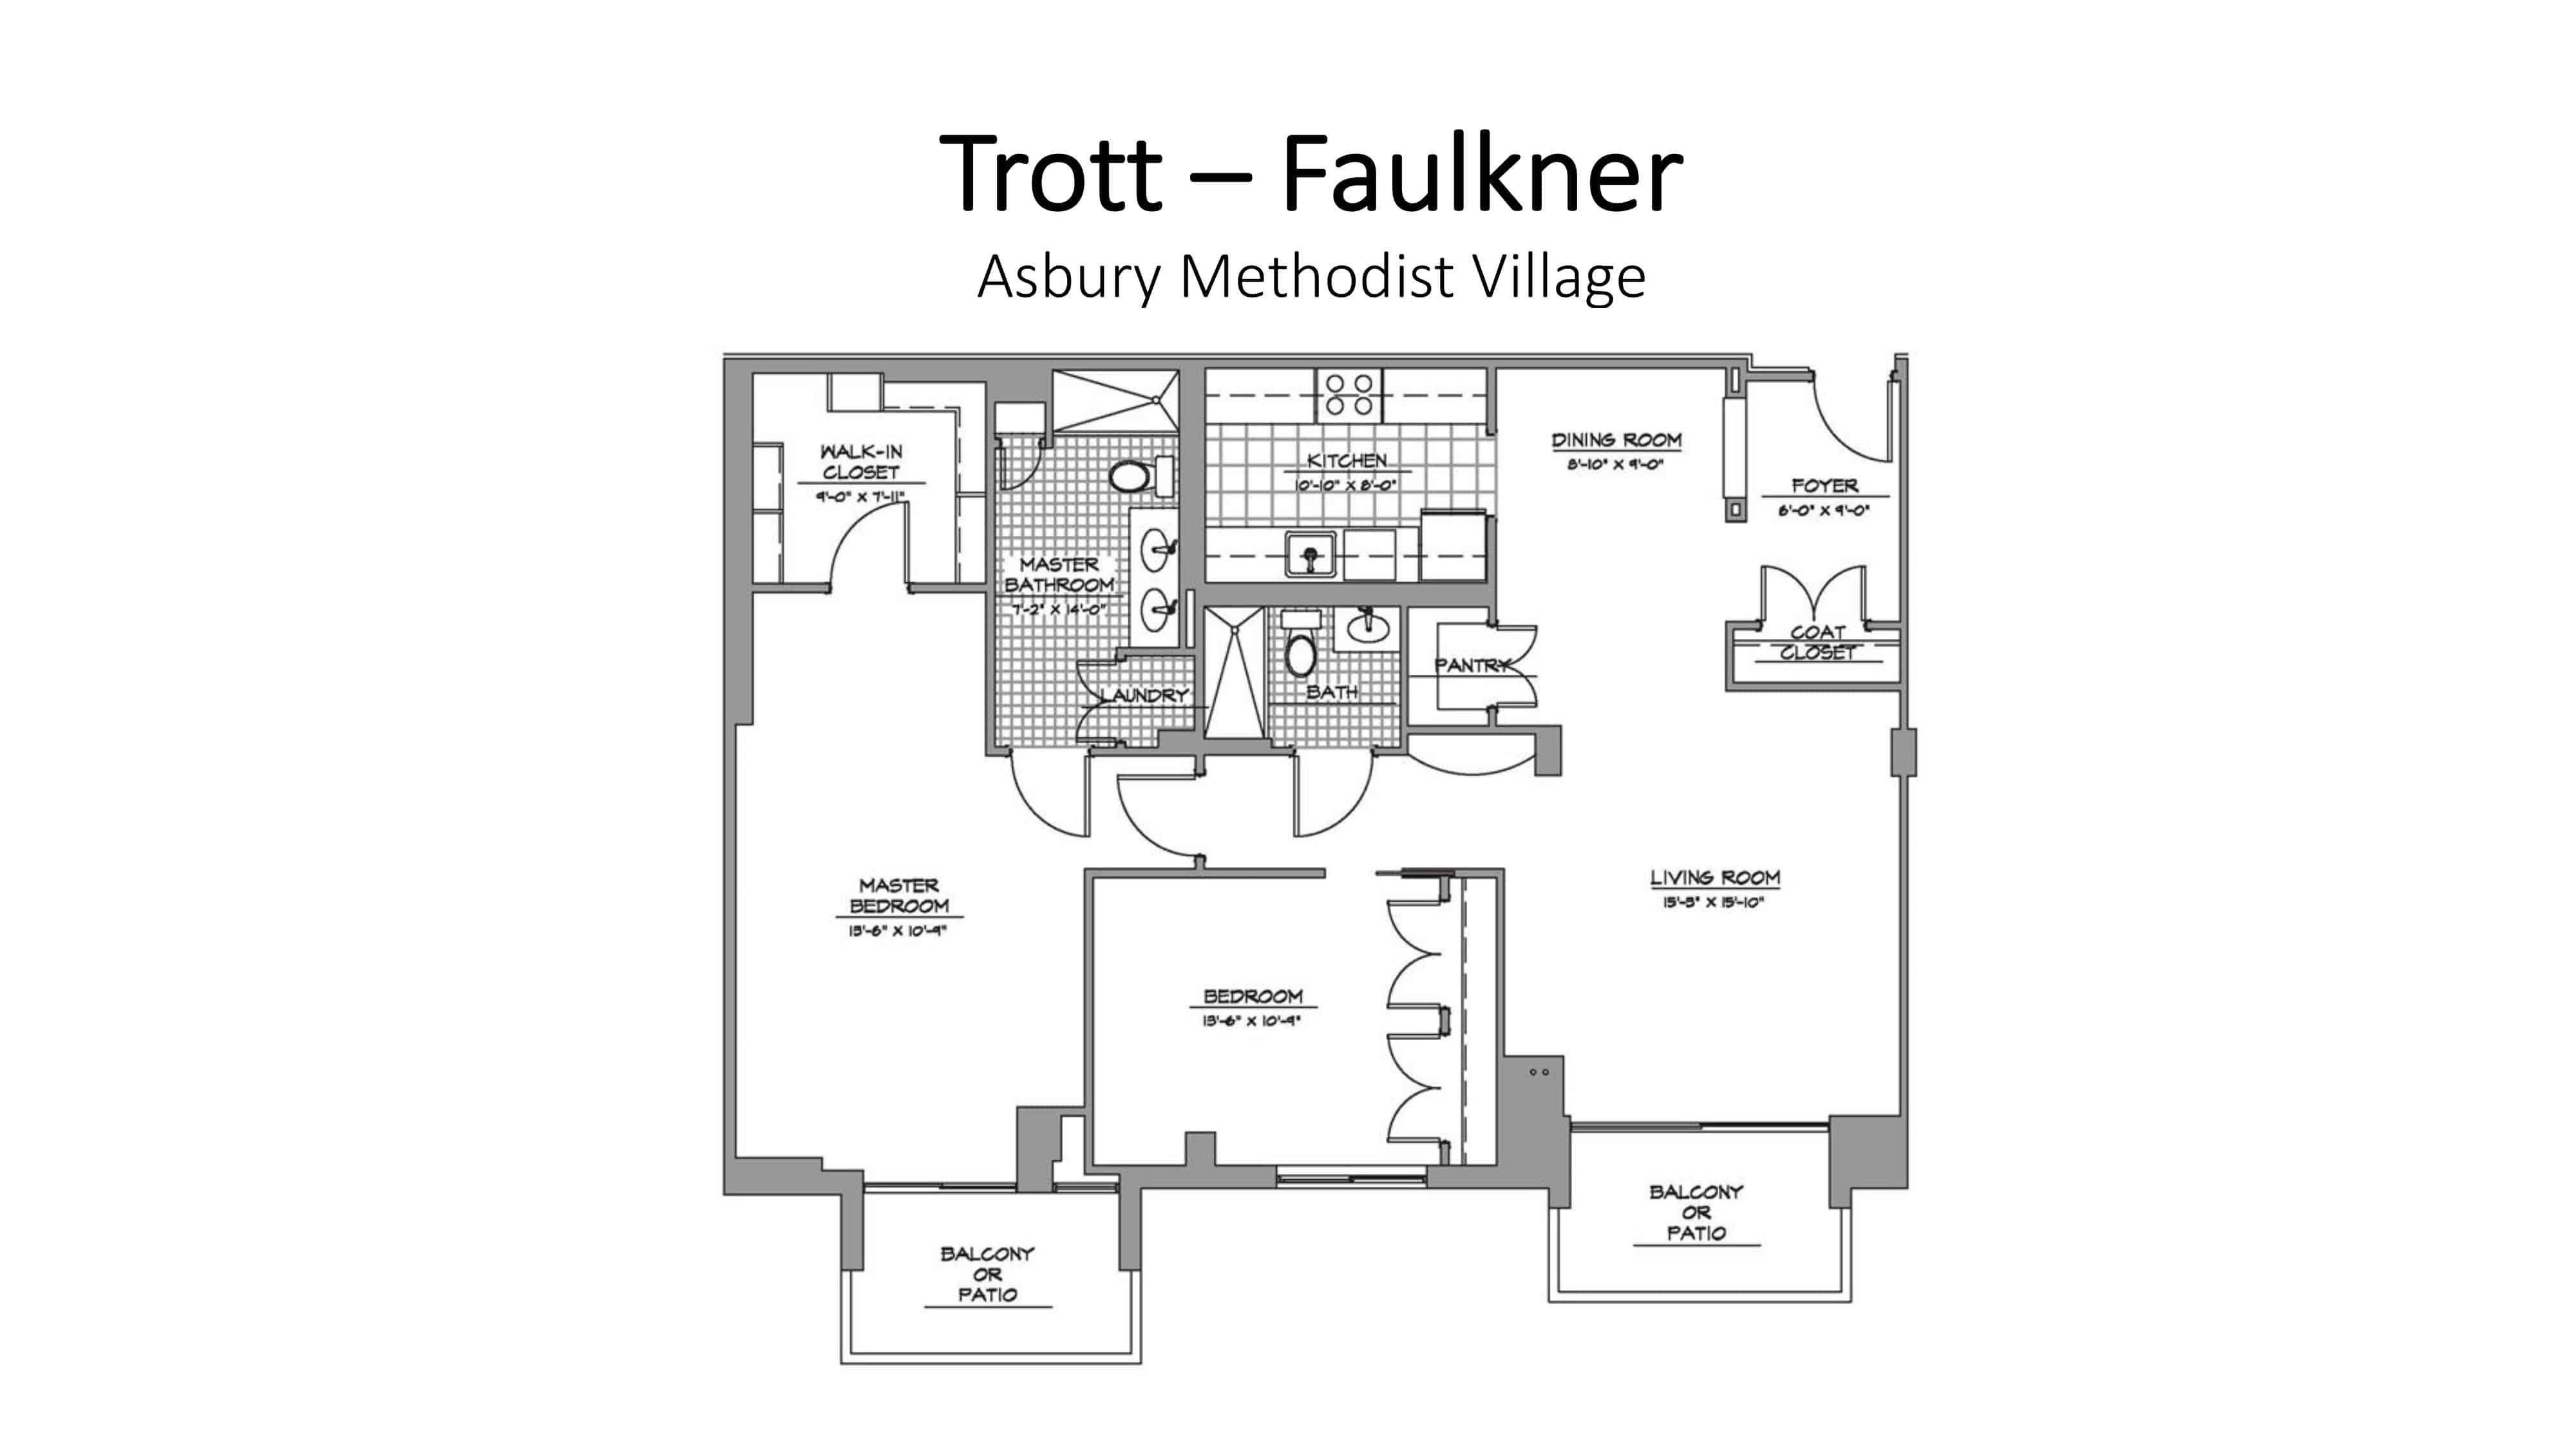 AMV Trott Faulkner